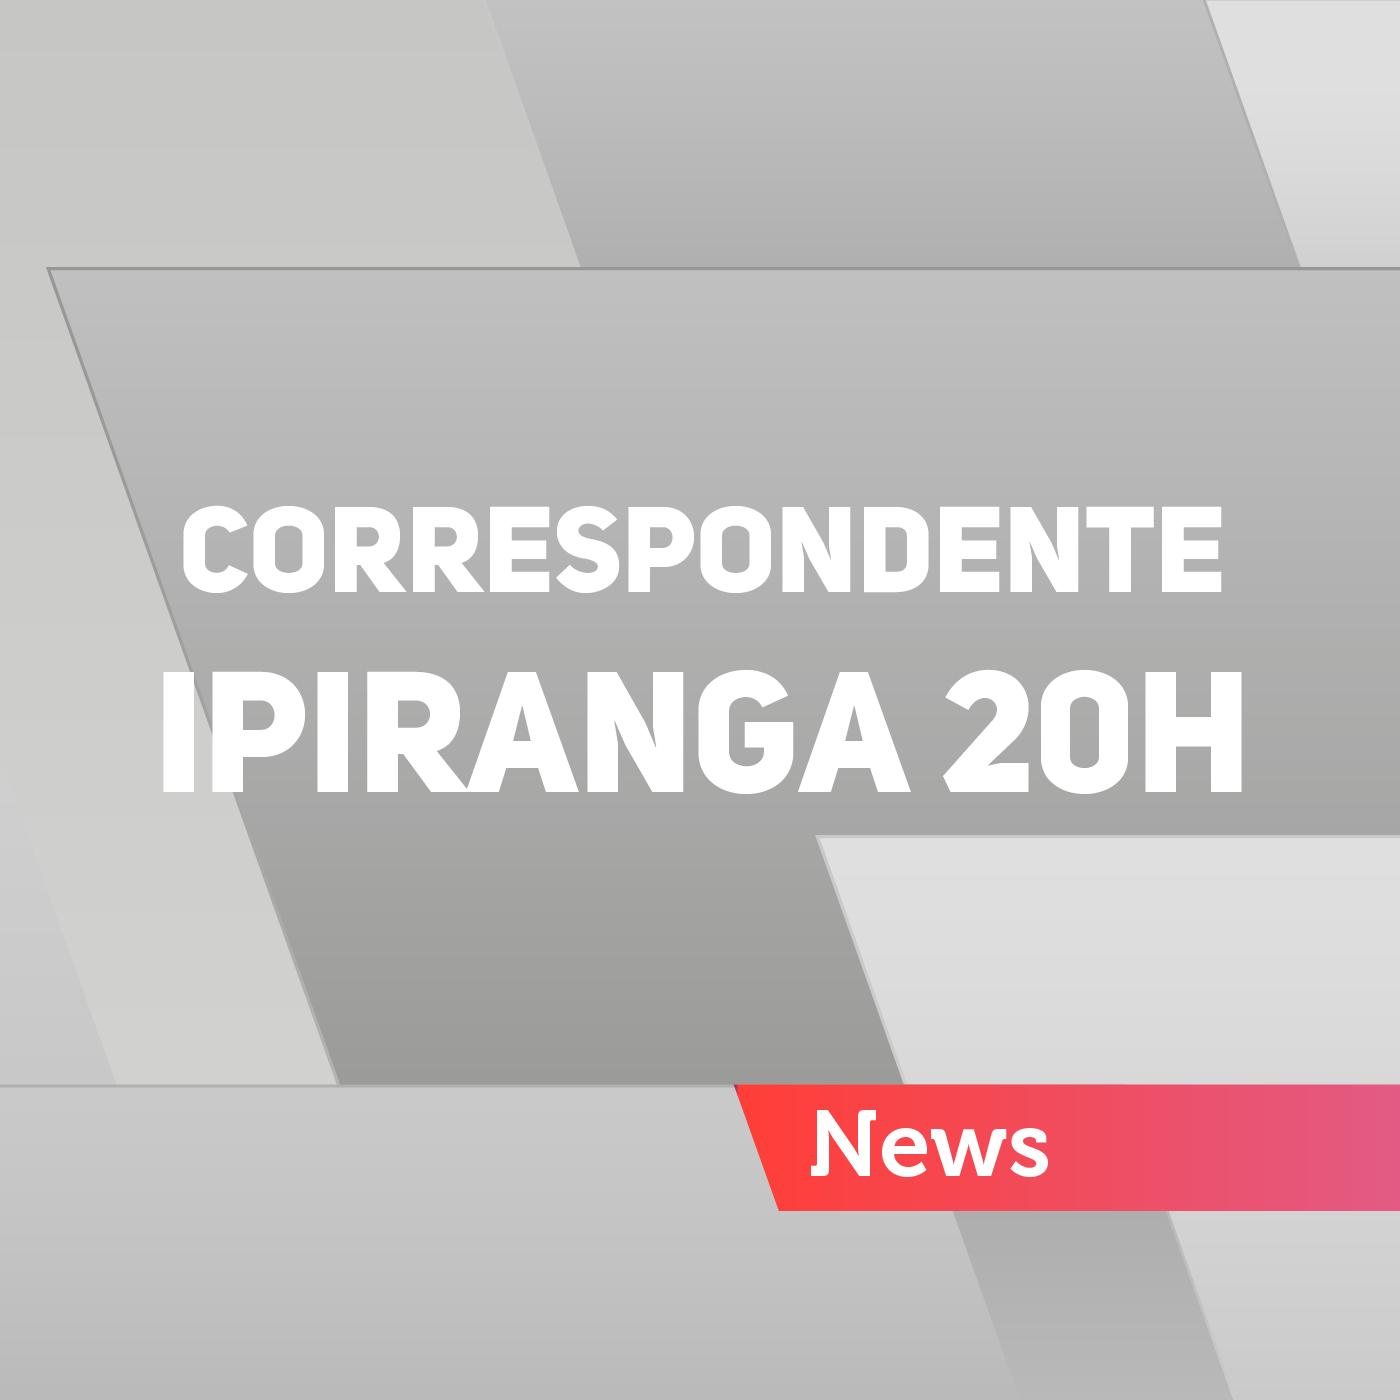 Correspondente Ipiranga 20h - 29/04/2017